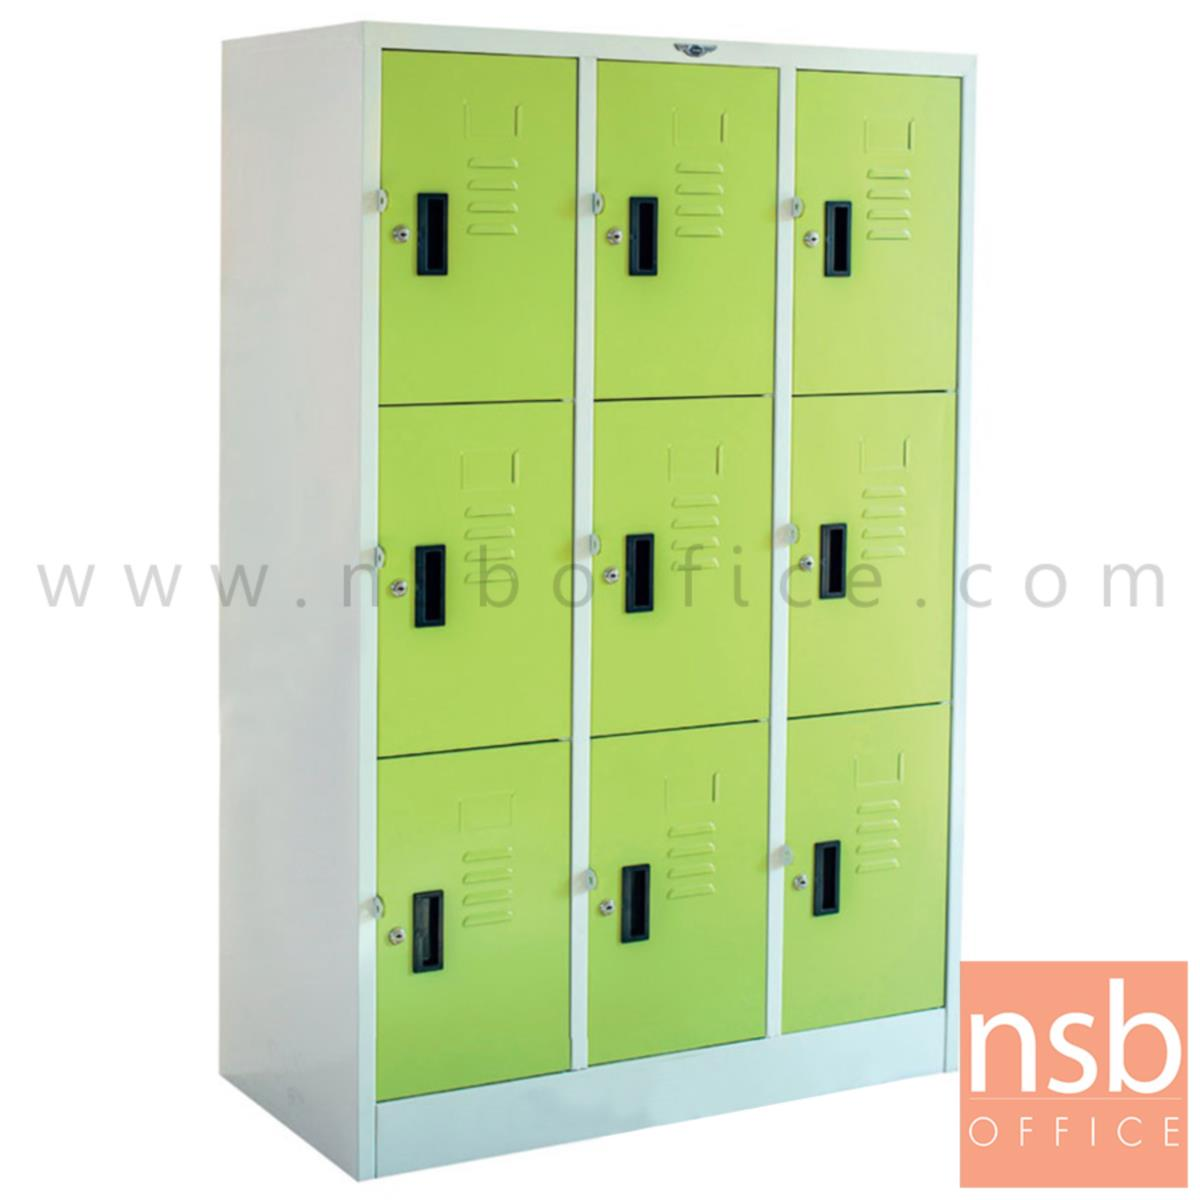 E08A057:ตู้ล็อกเกอร์เหล็กเตี้ย 9 ประตู รุ่น Handel (แฮนเดิล)   ขนาด 91.2W*45.7D*140H cm.